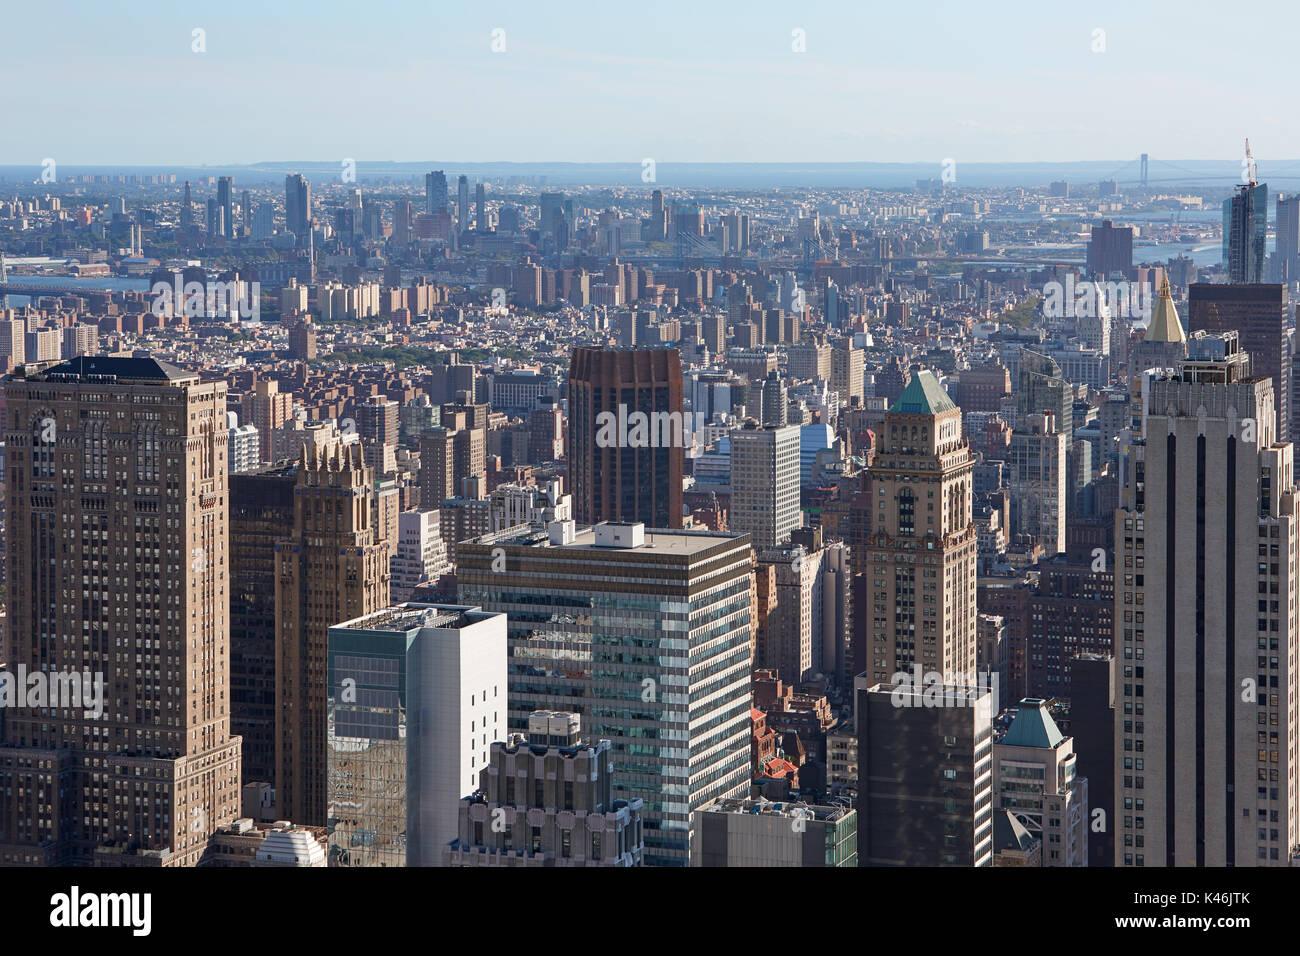 New York City skyline vue aérienne avec des gratte-ciel et l'horizon dans une journée ensoleillée Banque D'Images